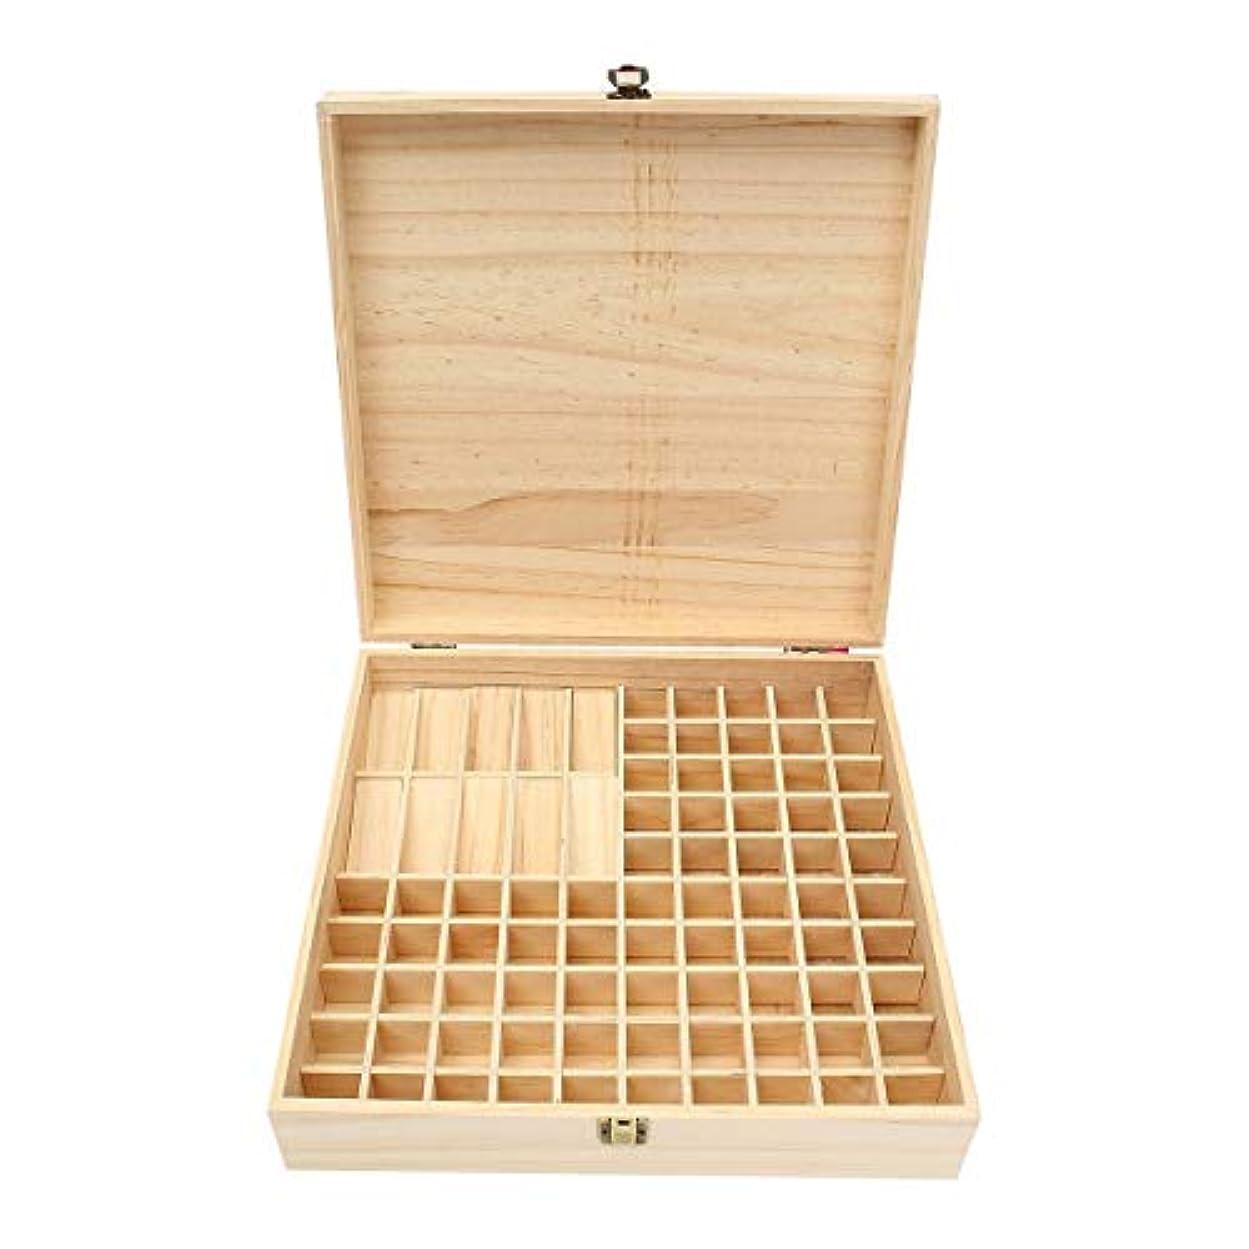 圧倒的作り上げる伝統的TINKSKY エッセンシャルオイルケース アロマケース 木製 アロマオイルスタンド 精油ボックス 精油収納 仕切りボックス 85本収納